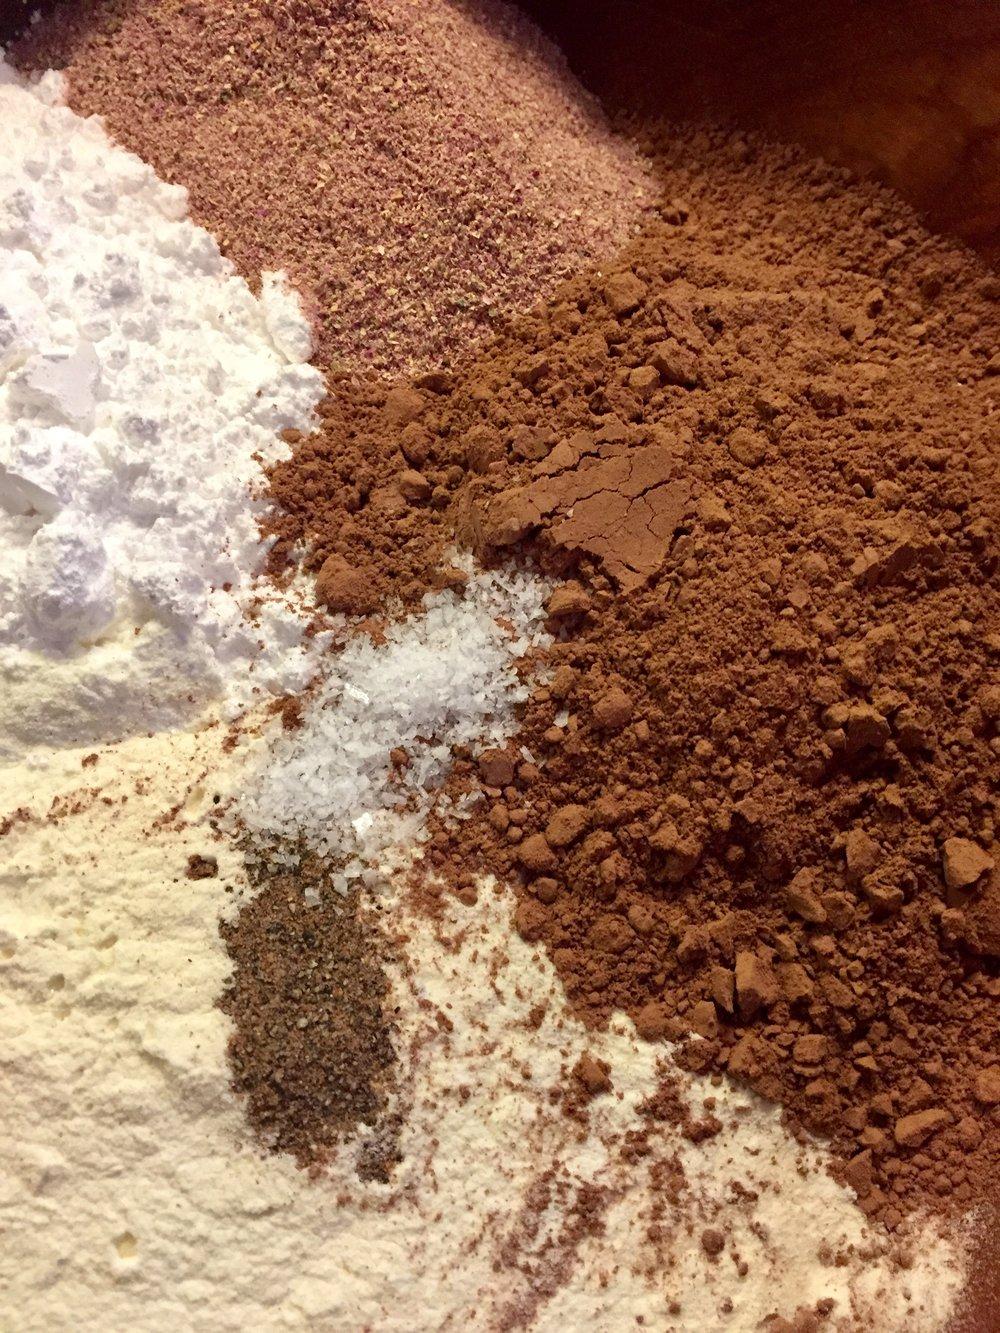 cocoaingredients2.jpg